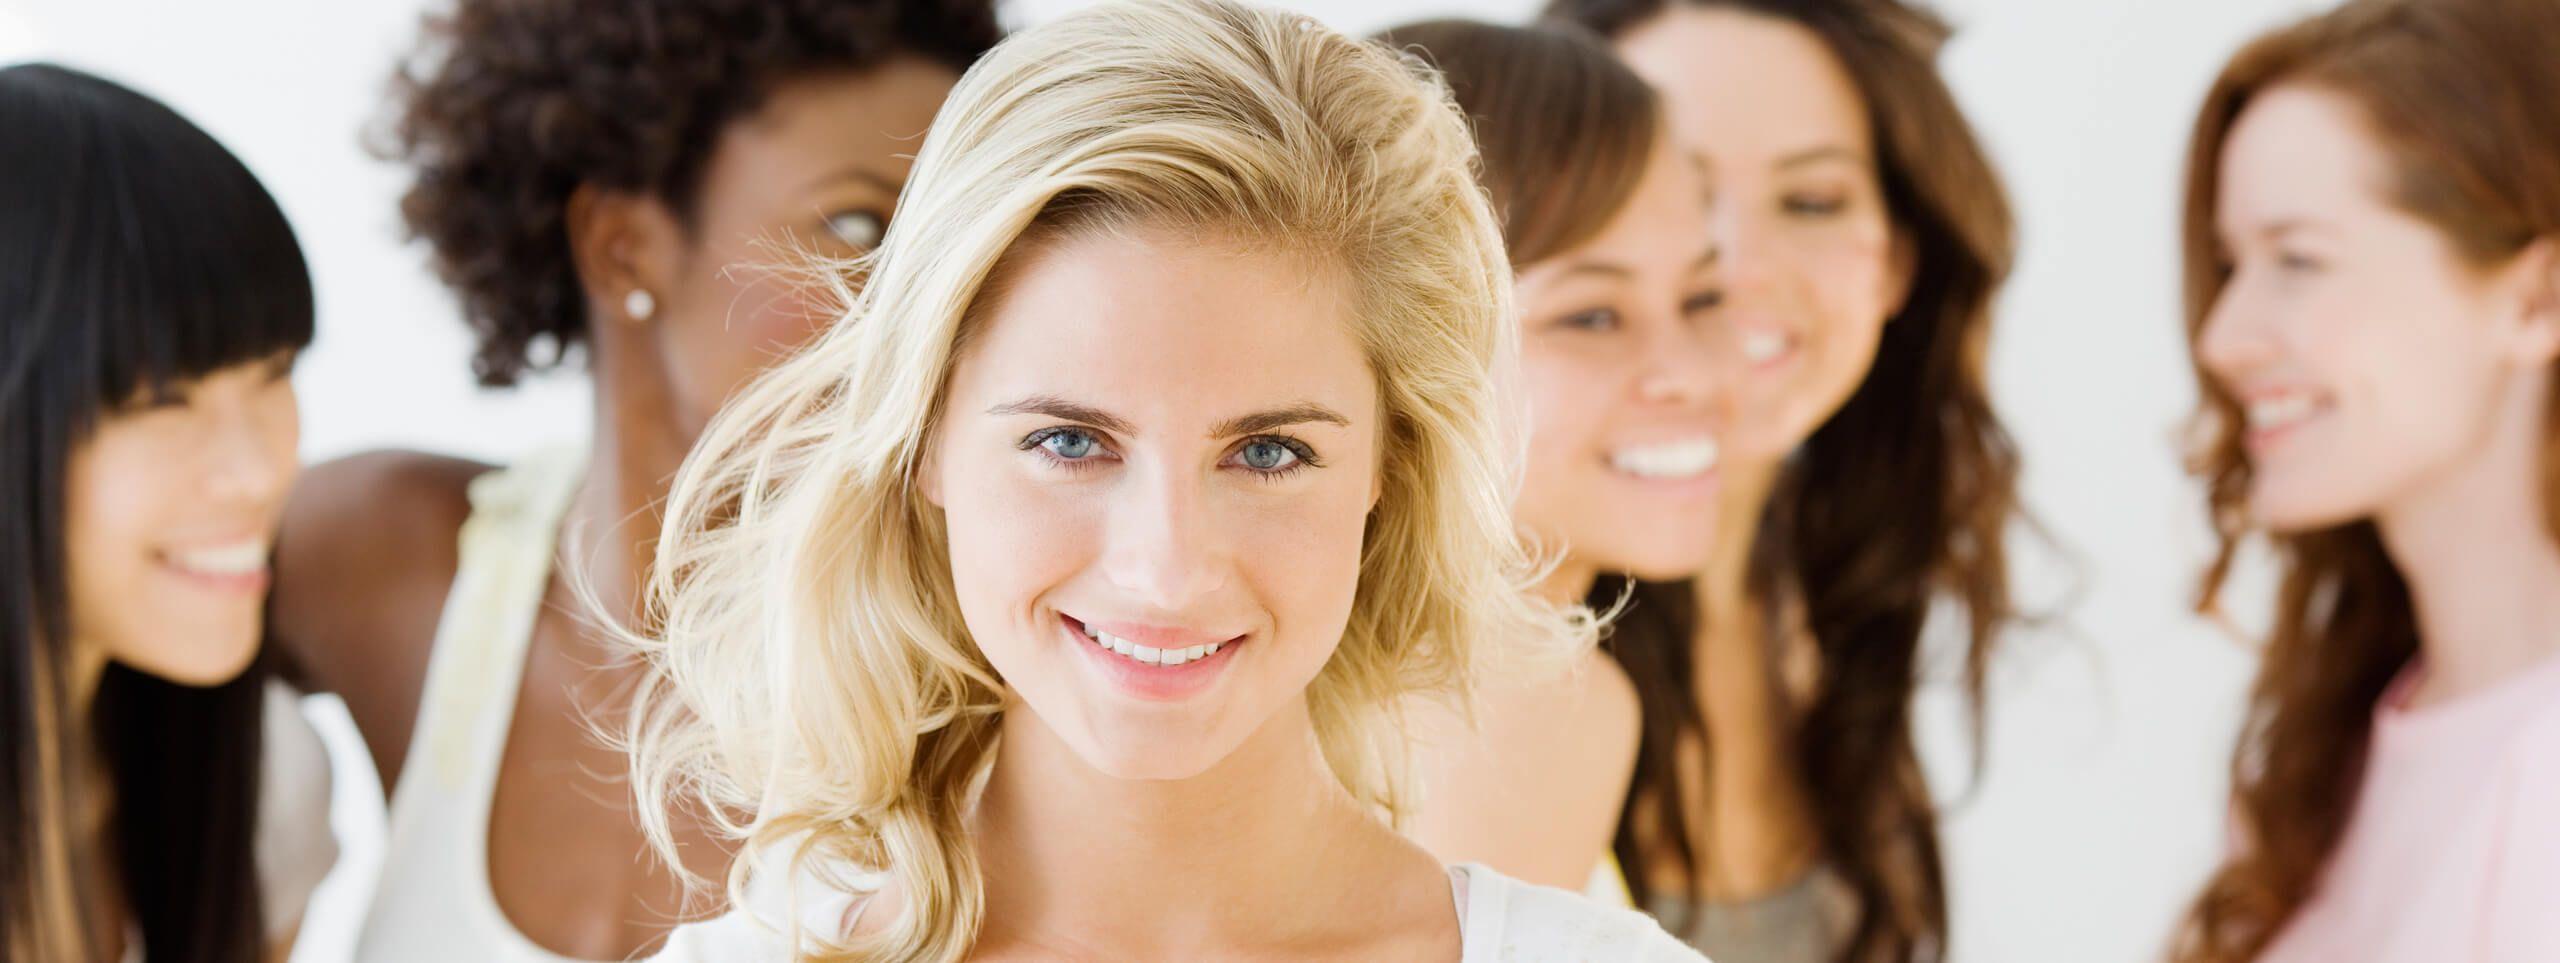 Femme blonde devant cinq autres femmes